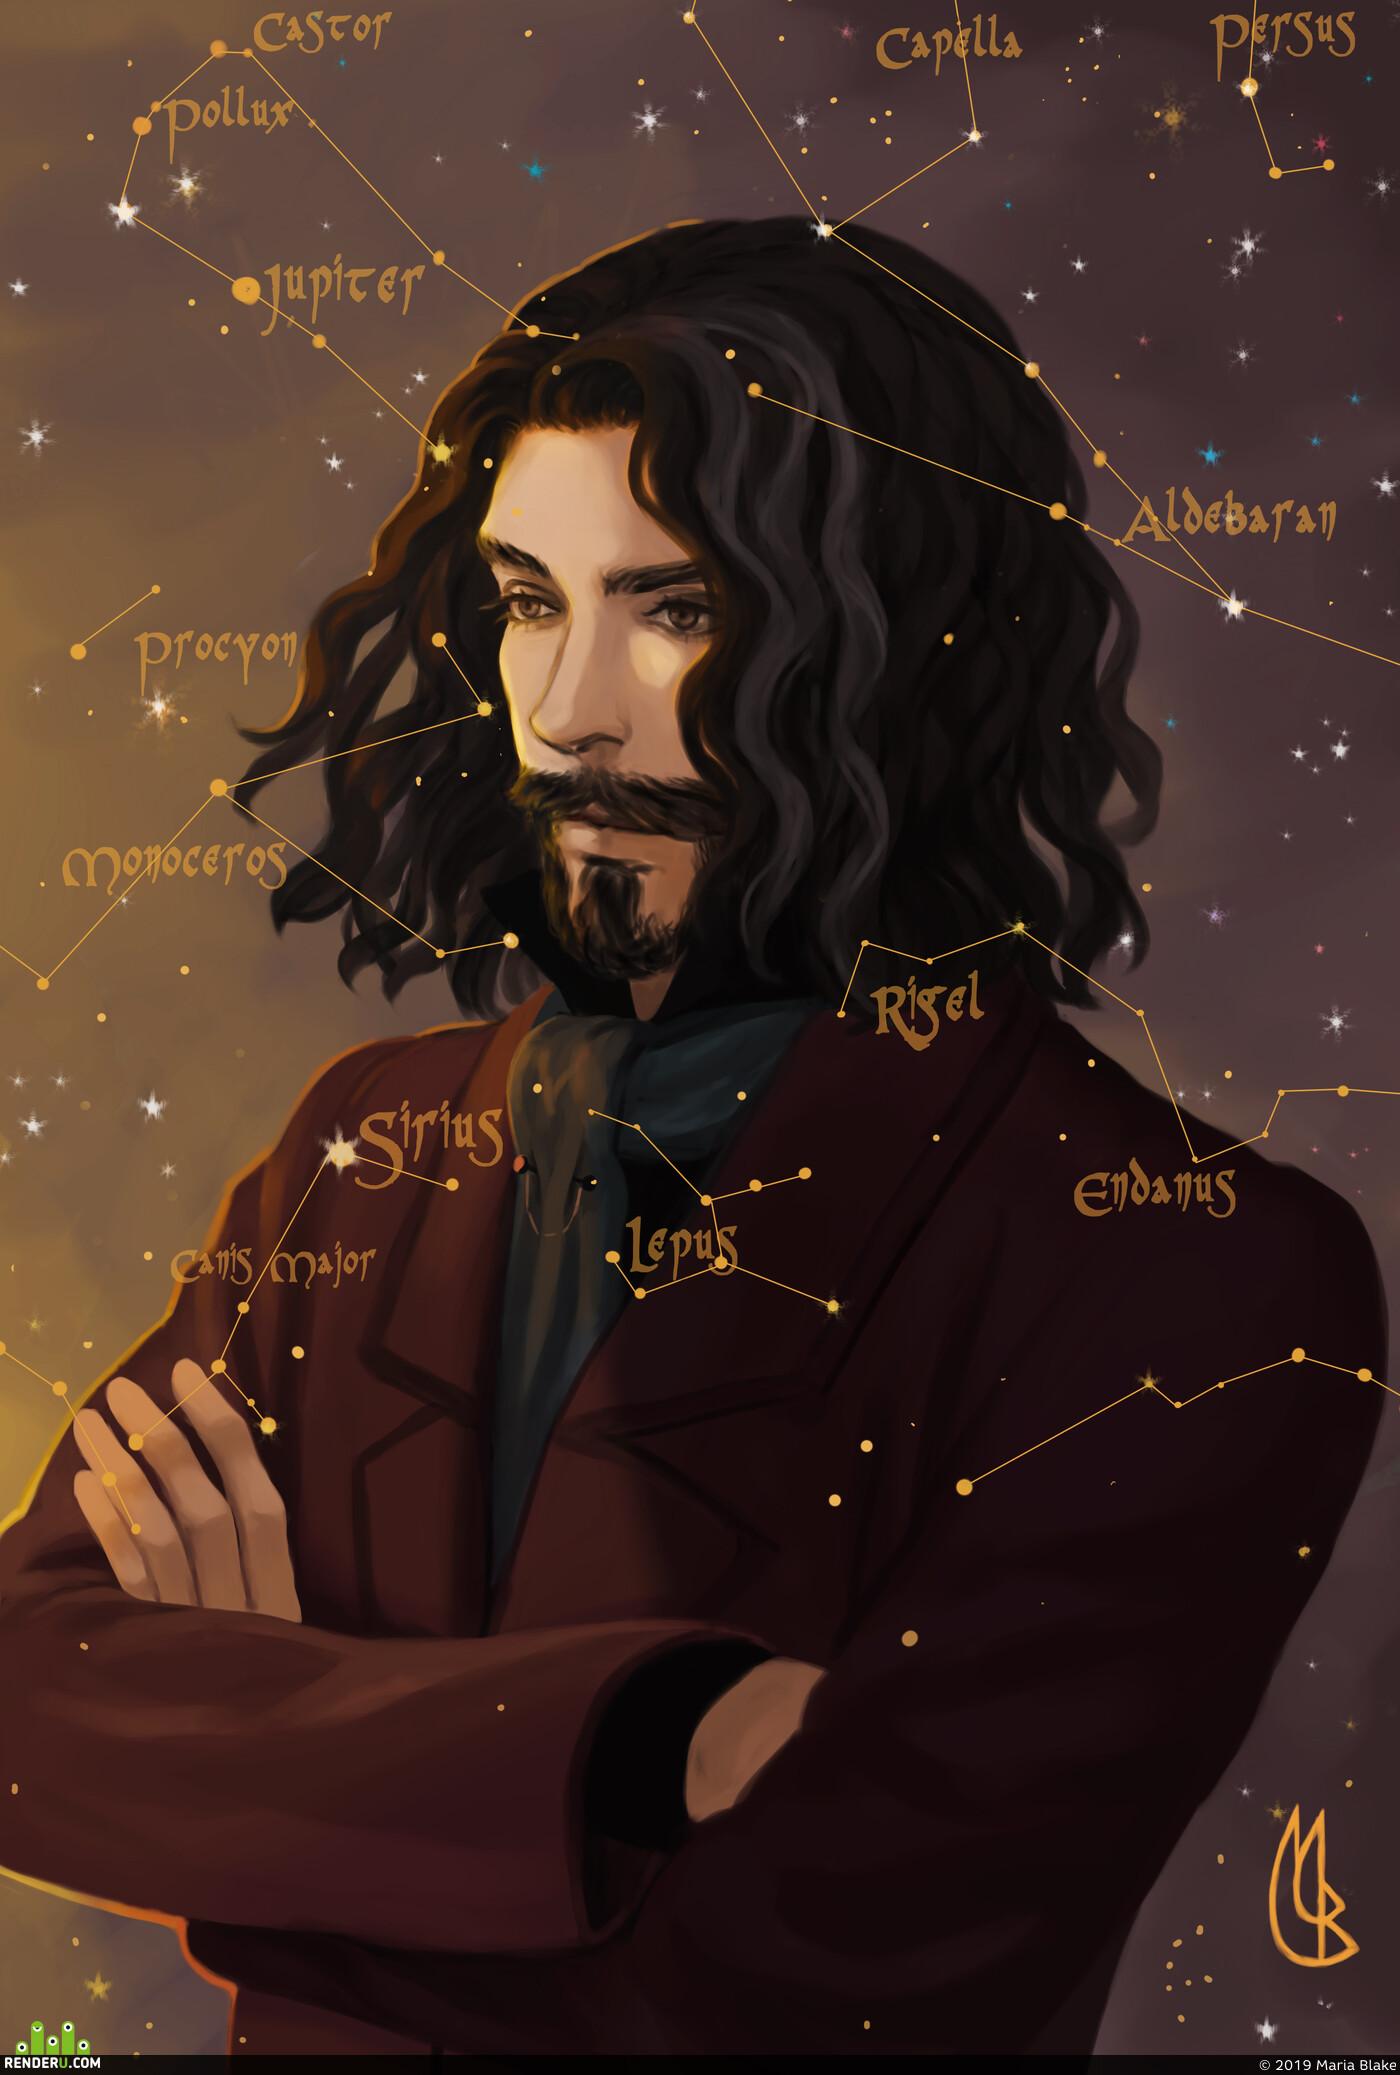 гаррипоттер, Сириус, звезды, Космос, портрет, цифровой портрет, портрет в фотошоп, дизайн персонажа, персонаж